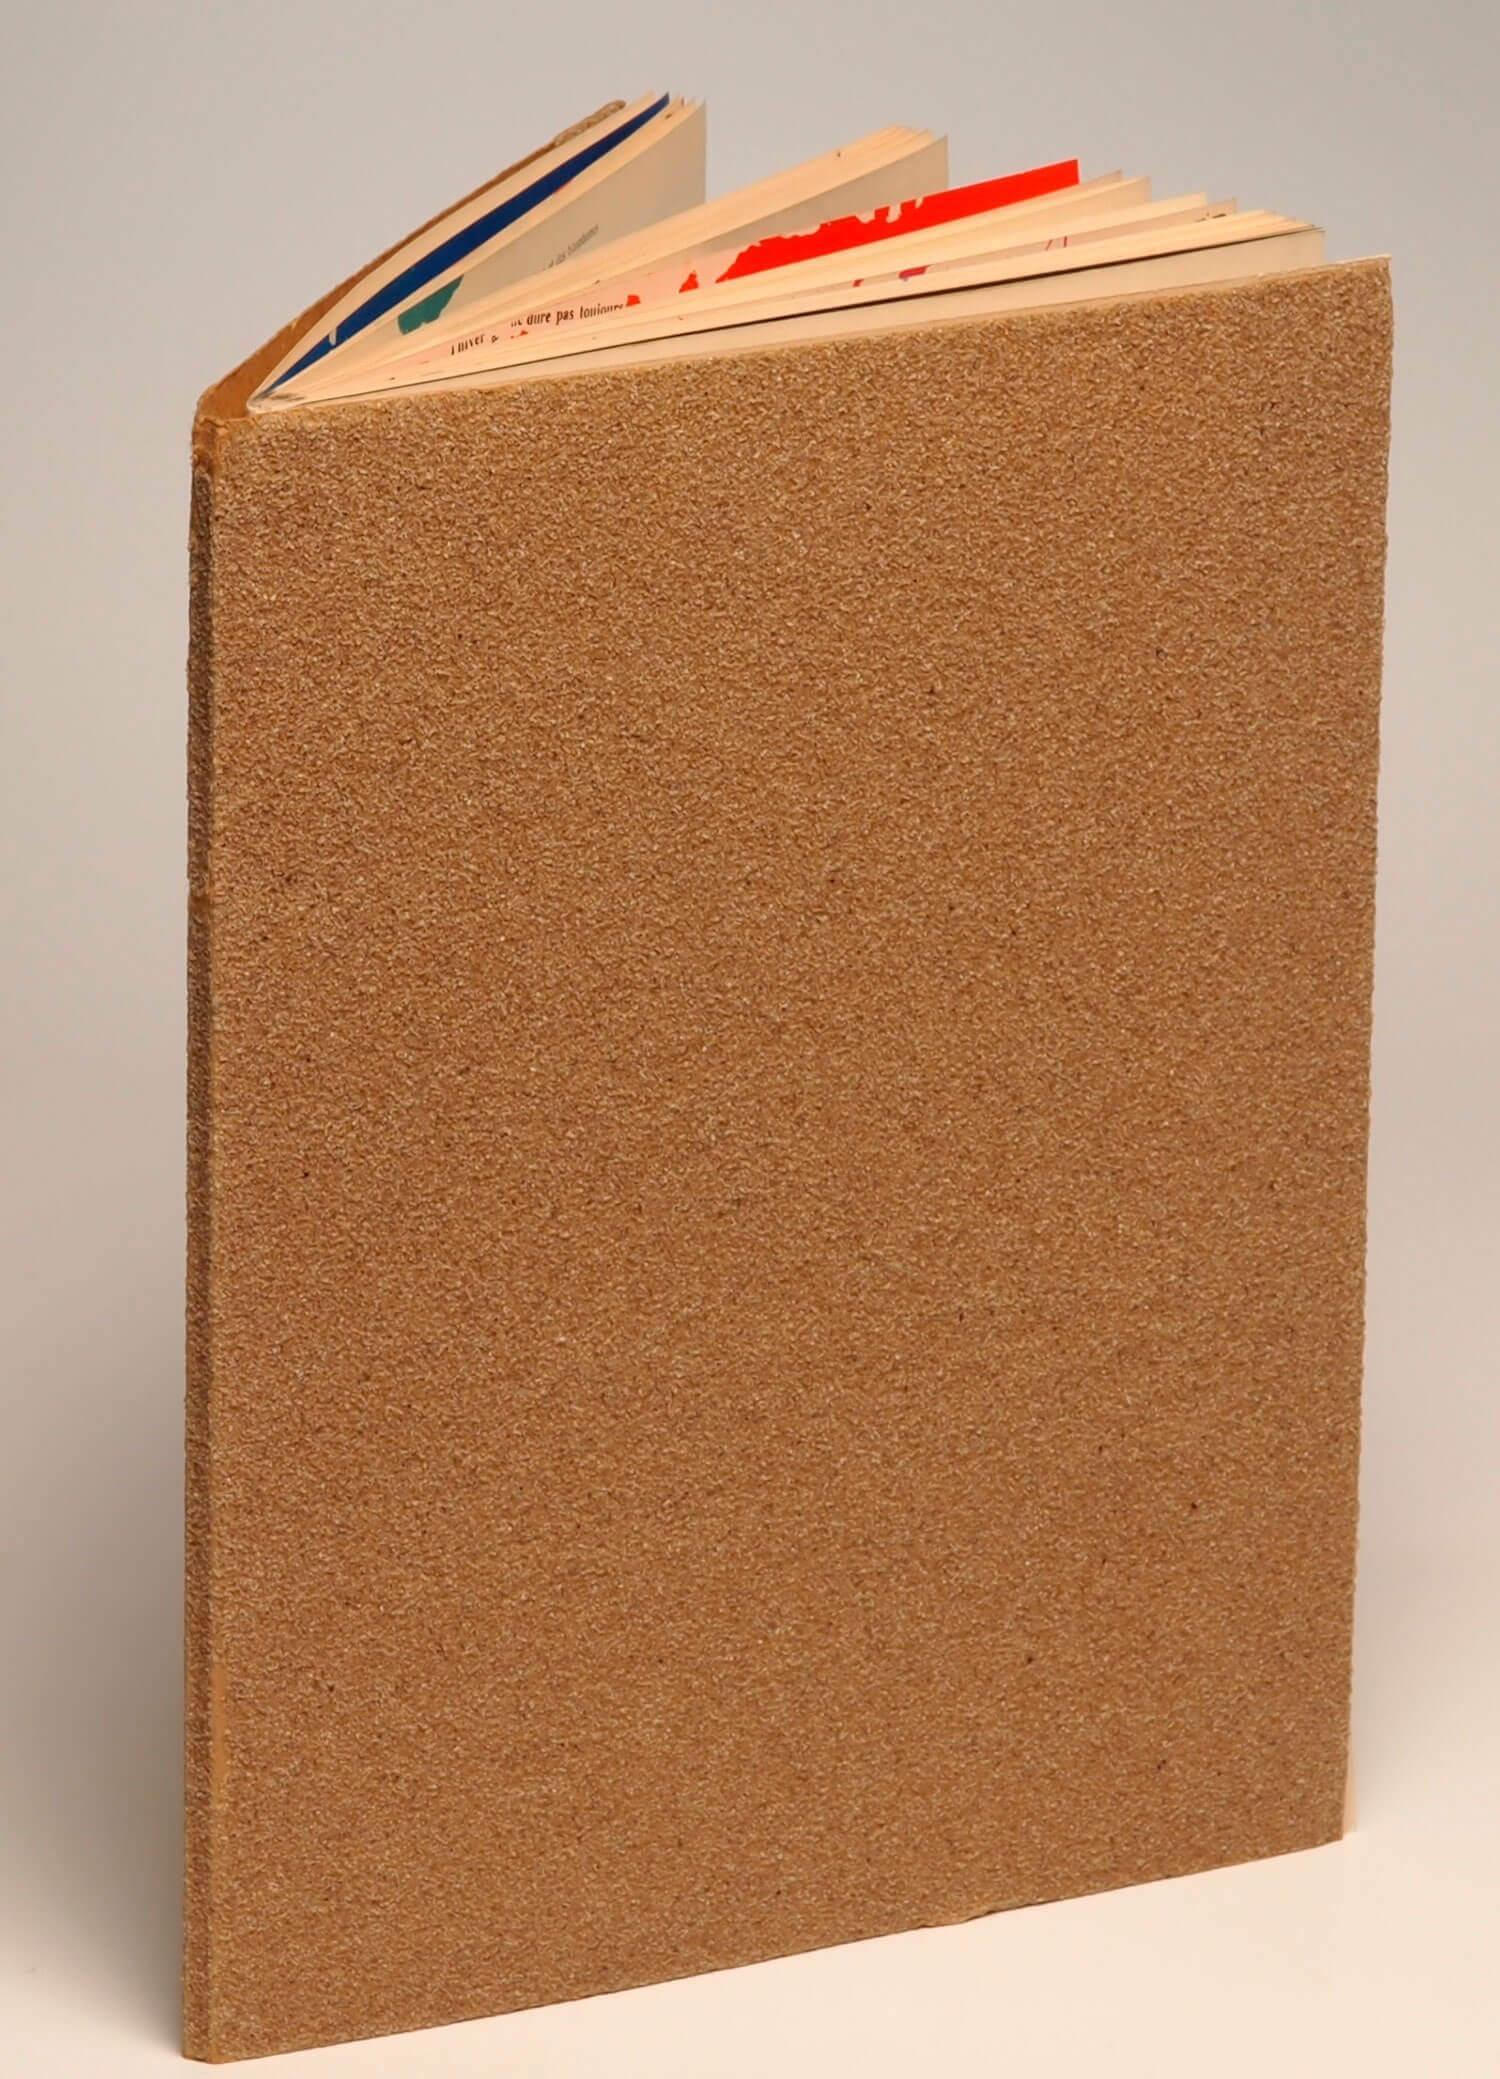 Bogen er bundet ind i sandpapir